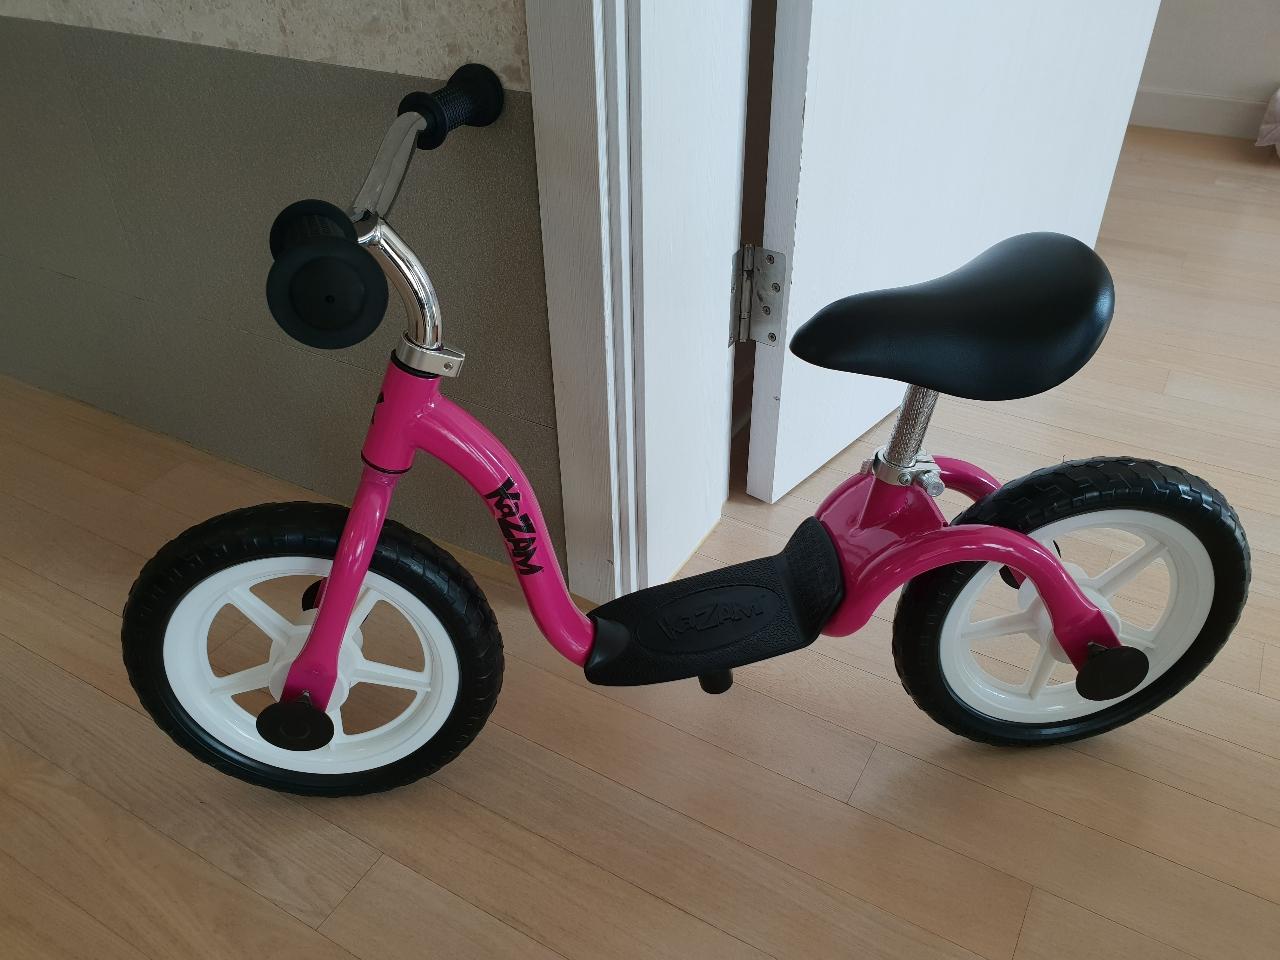 아동자전거/유아자전거/아기자전거/페달없는자전거/자전거 (카잠 밸런스 바이크)